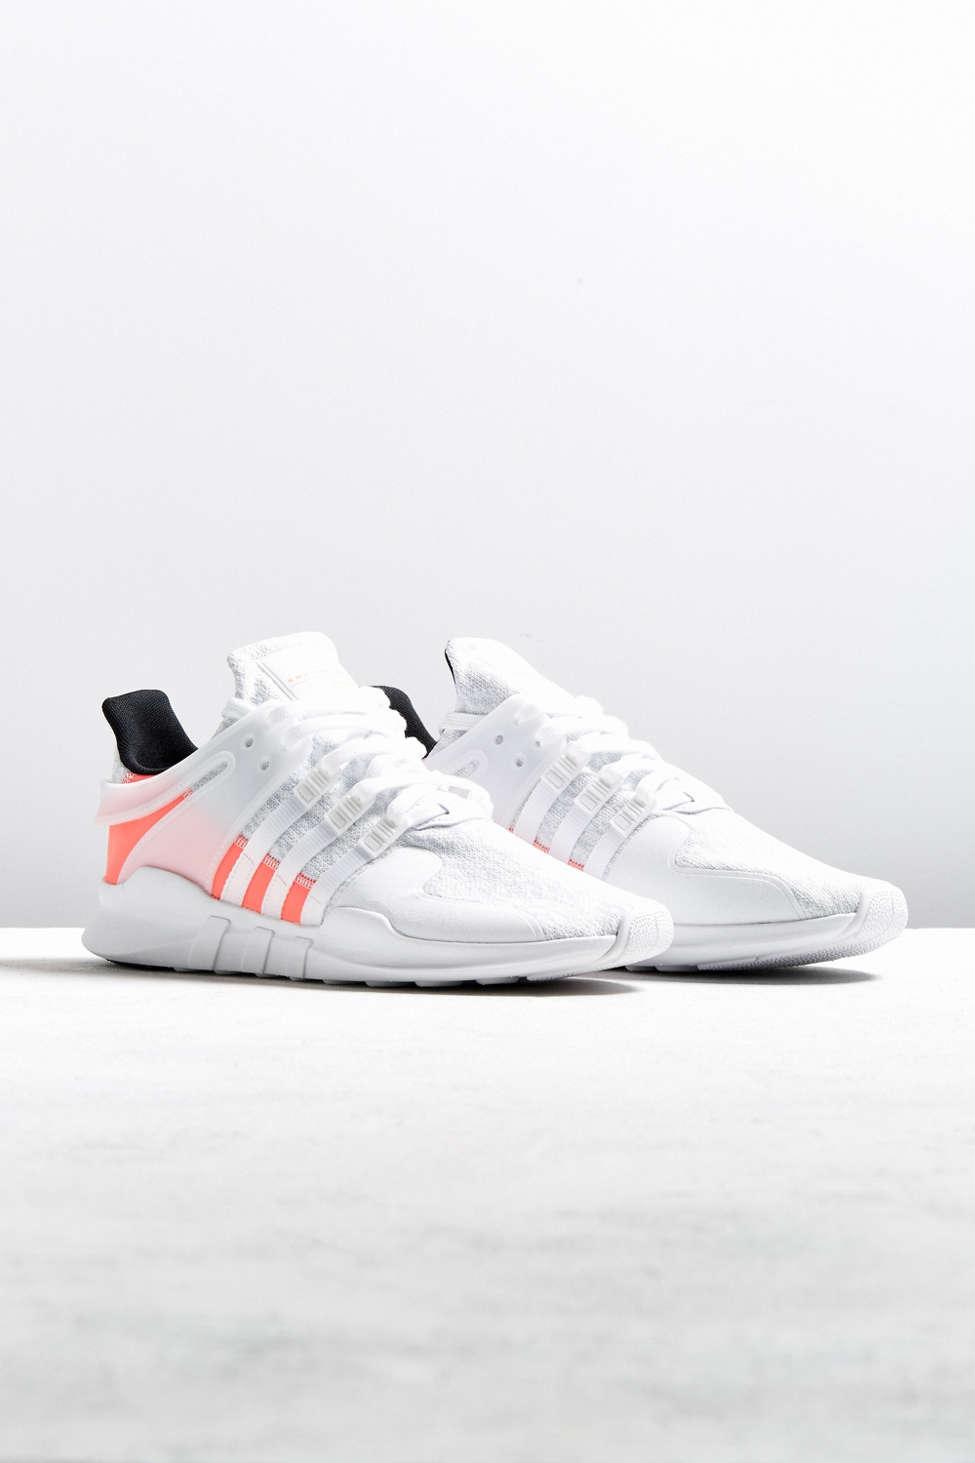 Adidas eqt appoggio avanzata scarpa bianca urban outfitters